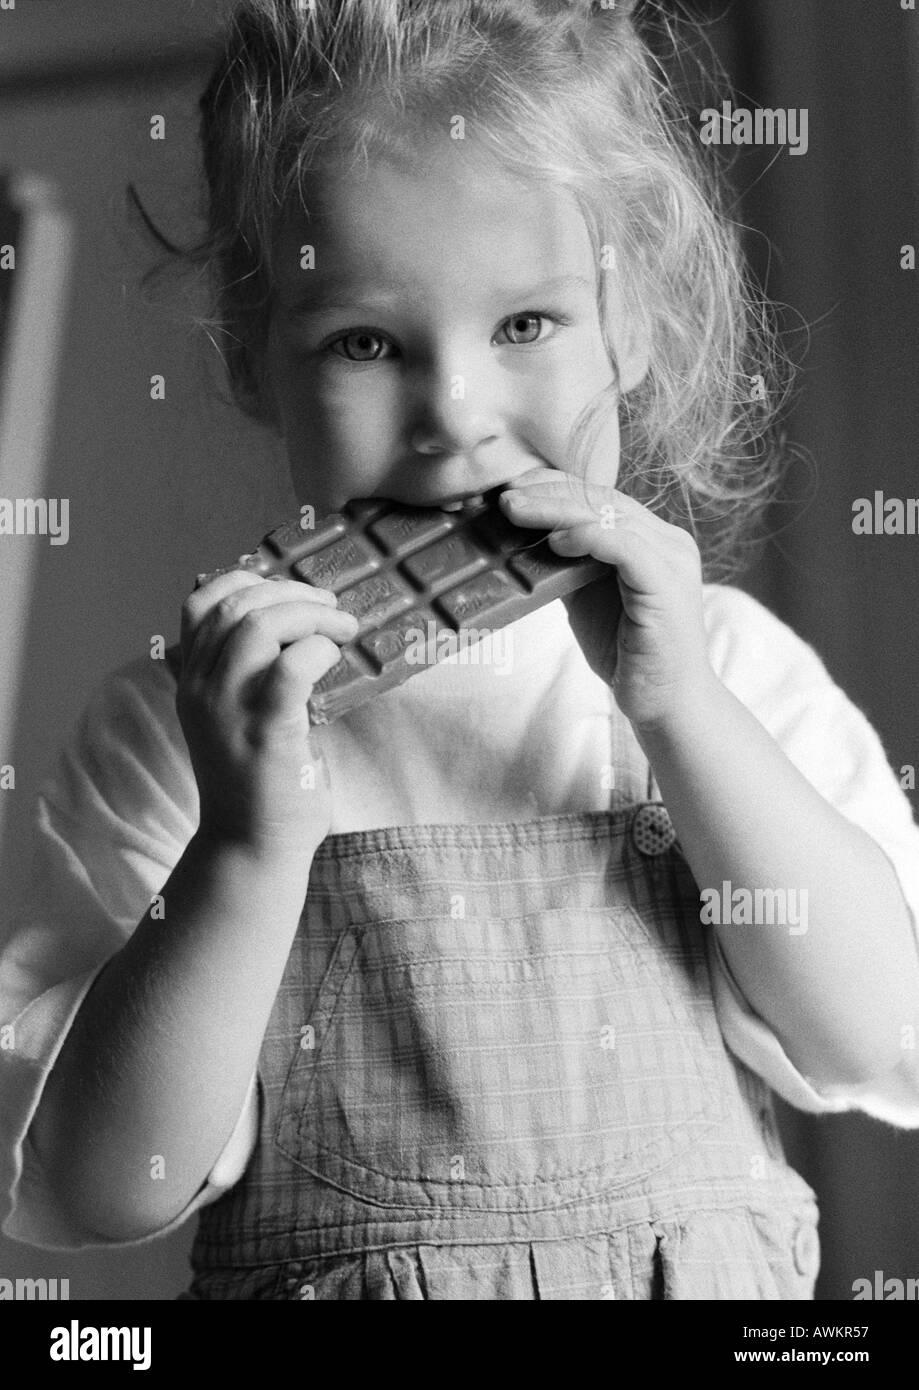 Girl eating chocolate bar, b&w - Stock Image